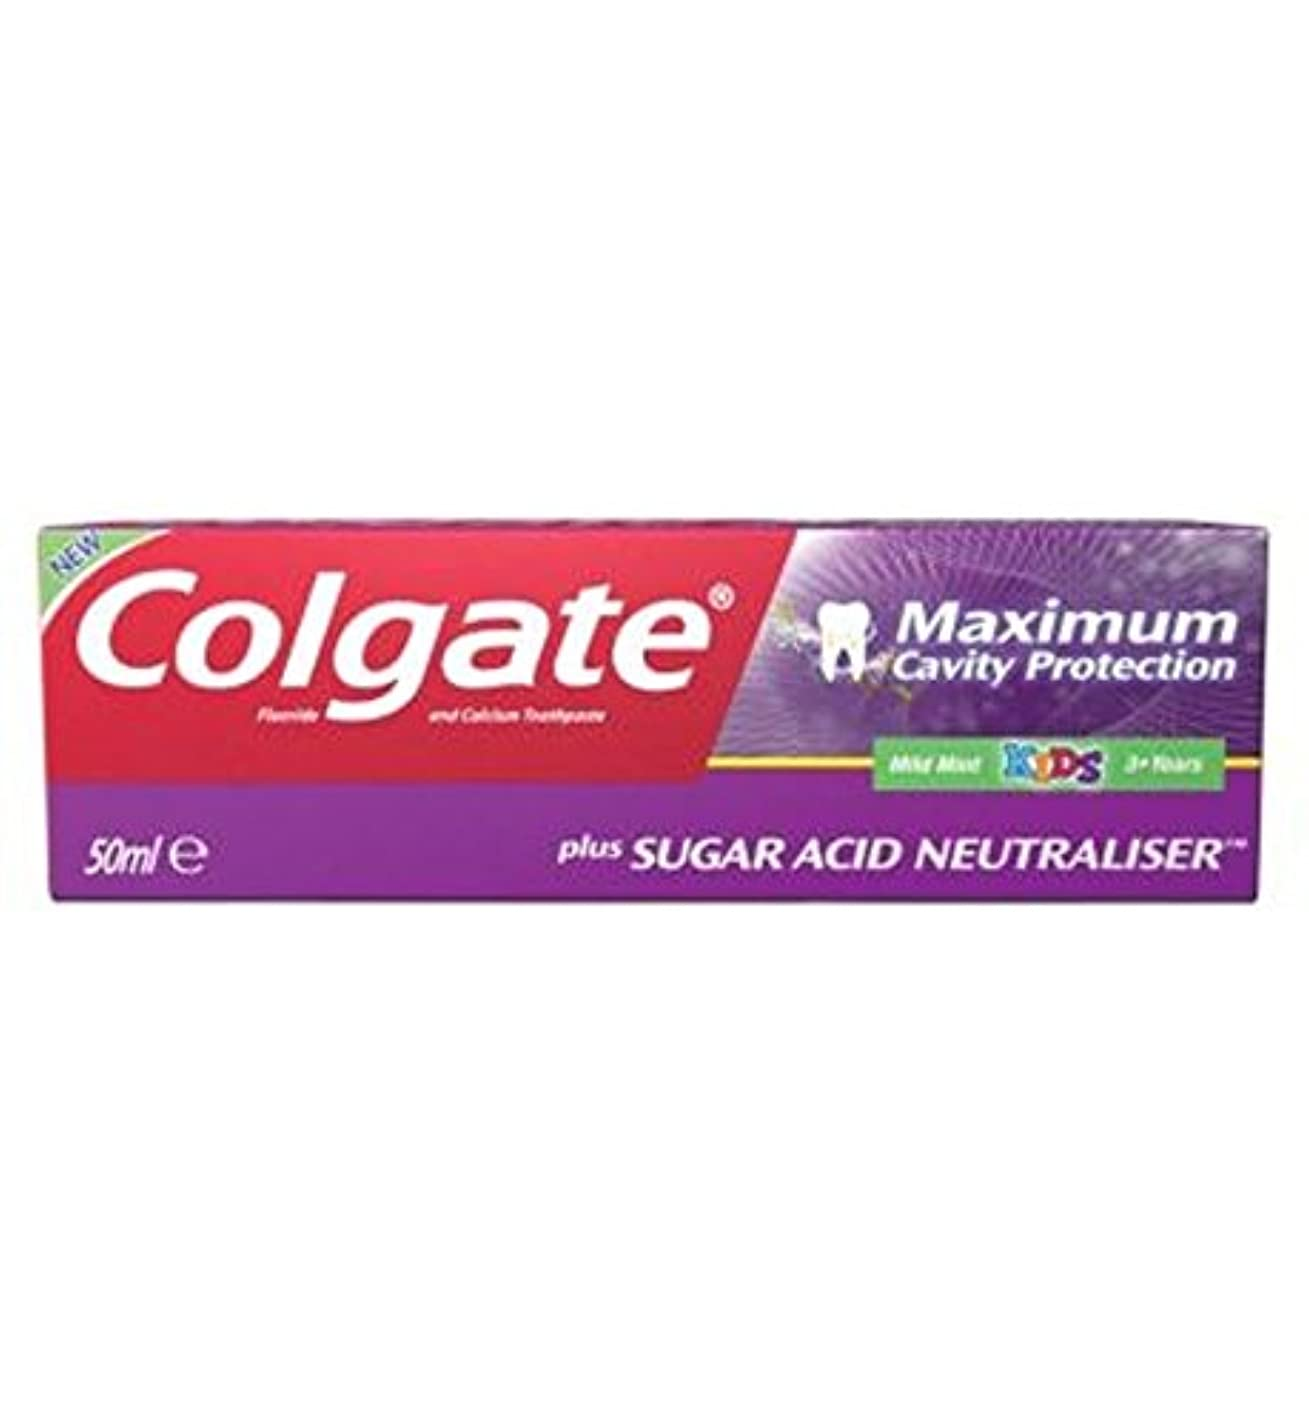 オーク選択認証コルゲート最大空洞の保護に加えて、糖酸中和剤の子供の歯磨き粉50ミリリットル (Colgate) (x2) - Colgate Maximum Cavity Protection plus Sugar Acid Neutraliser...